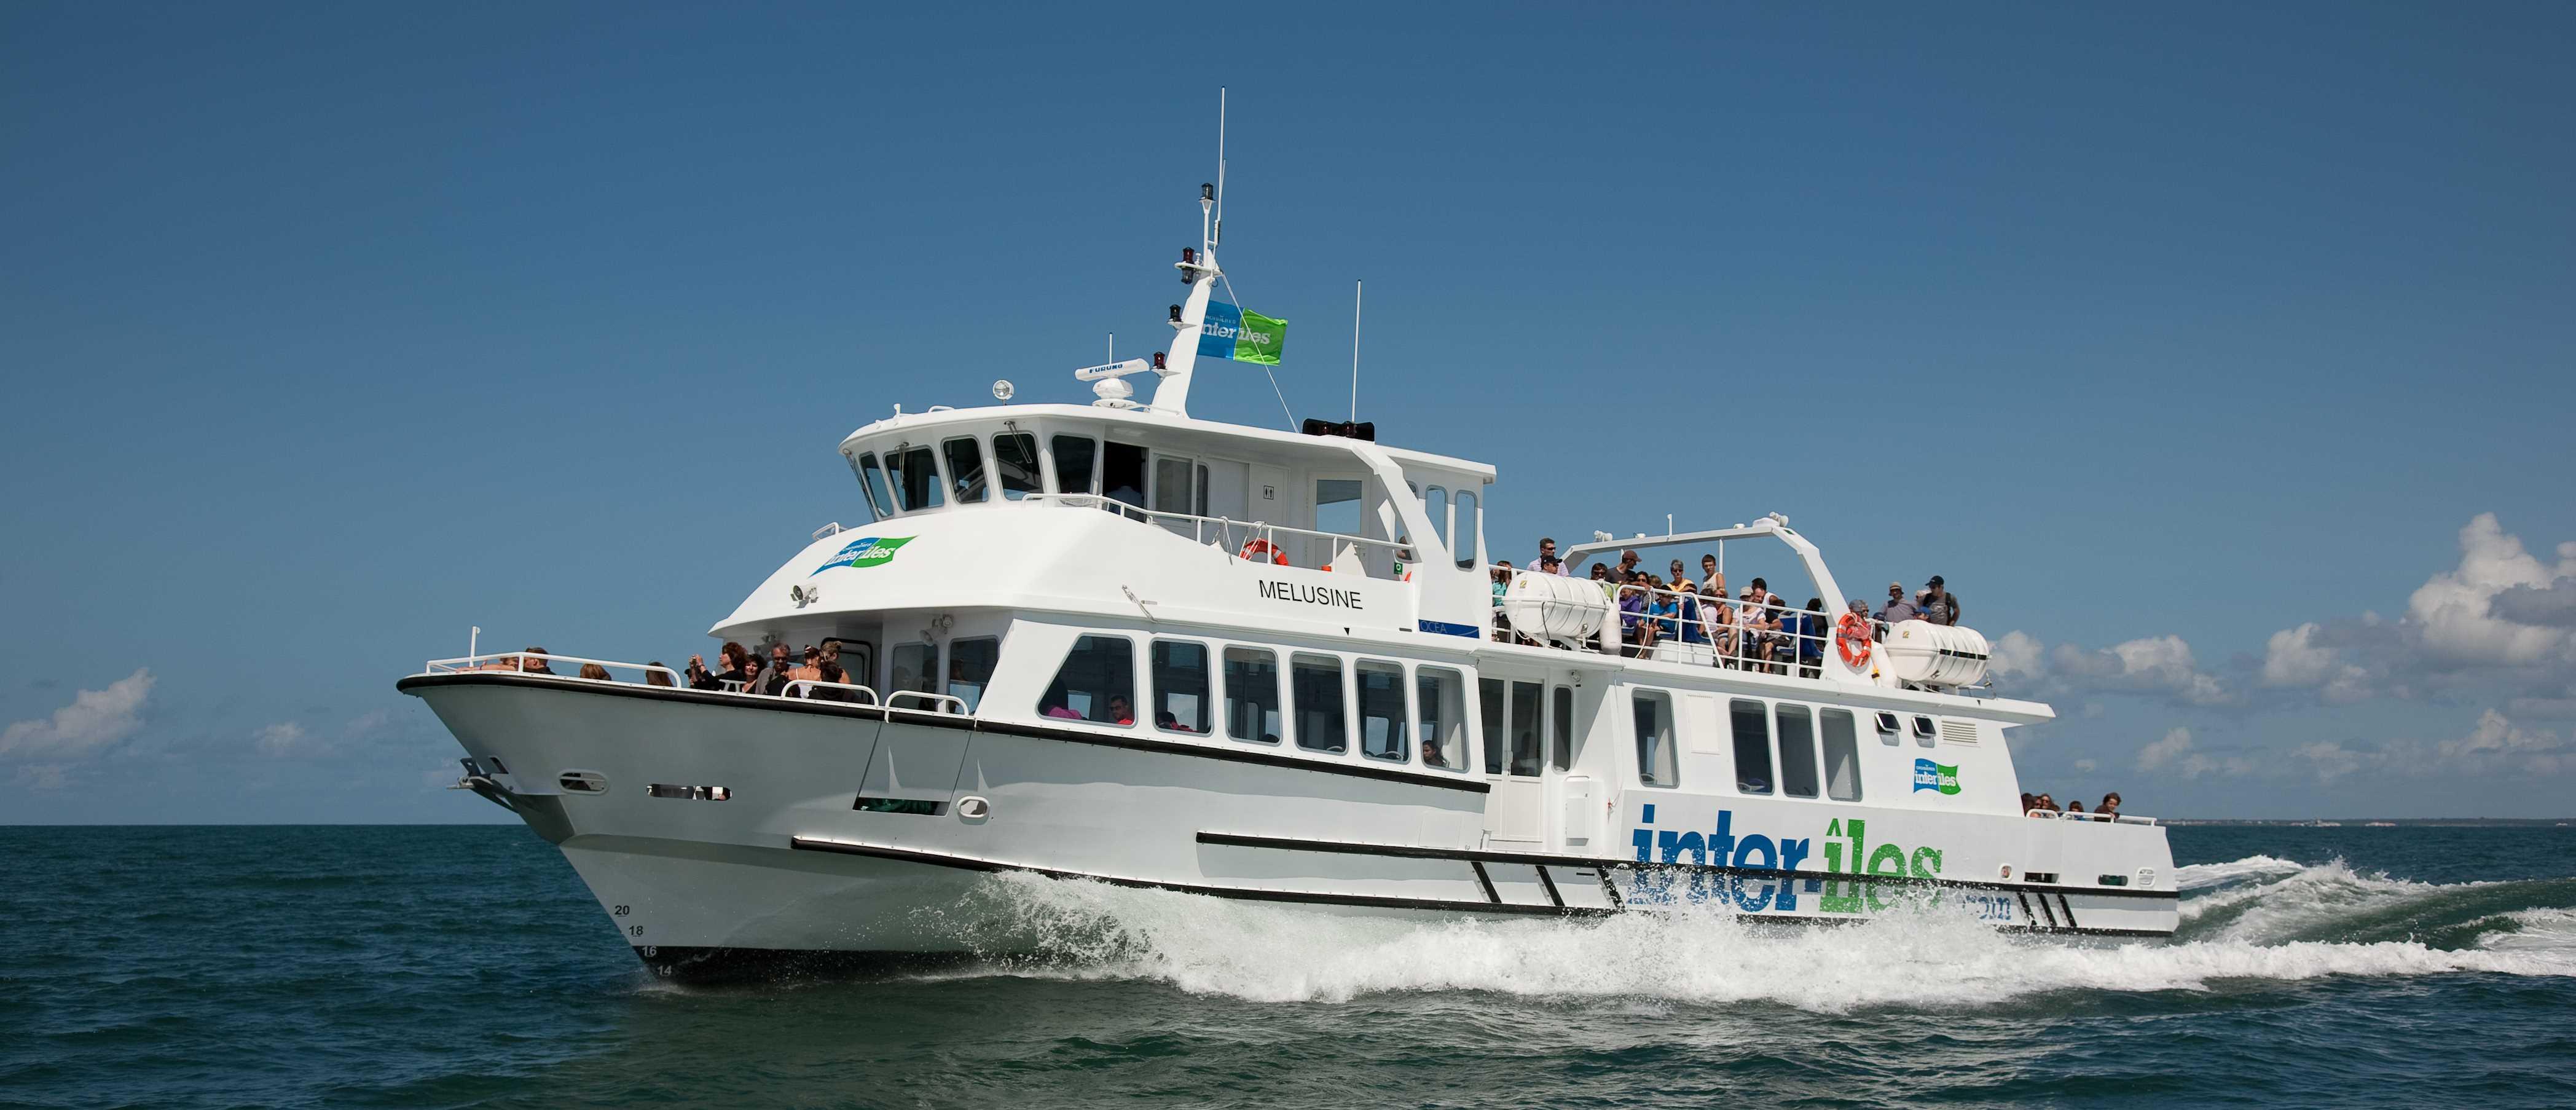 Navire à passagers Melusine. Photo Compagnie Inter-Iles - Droits Réservés.